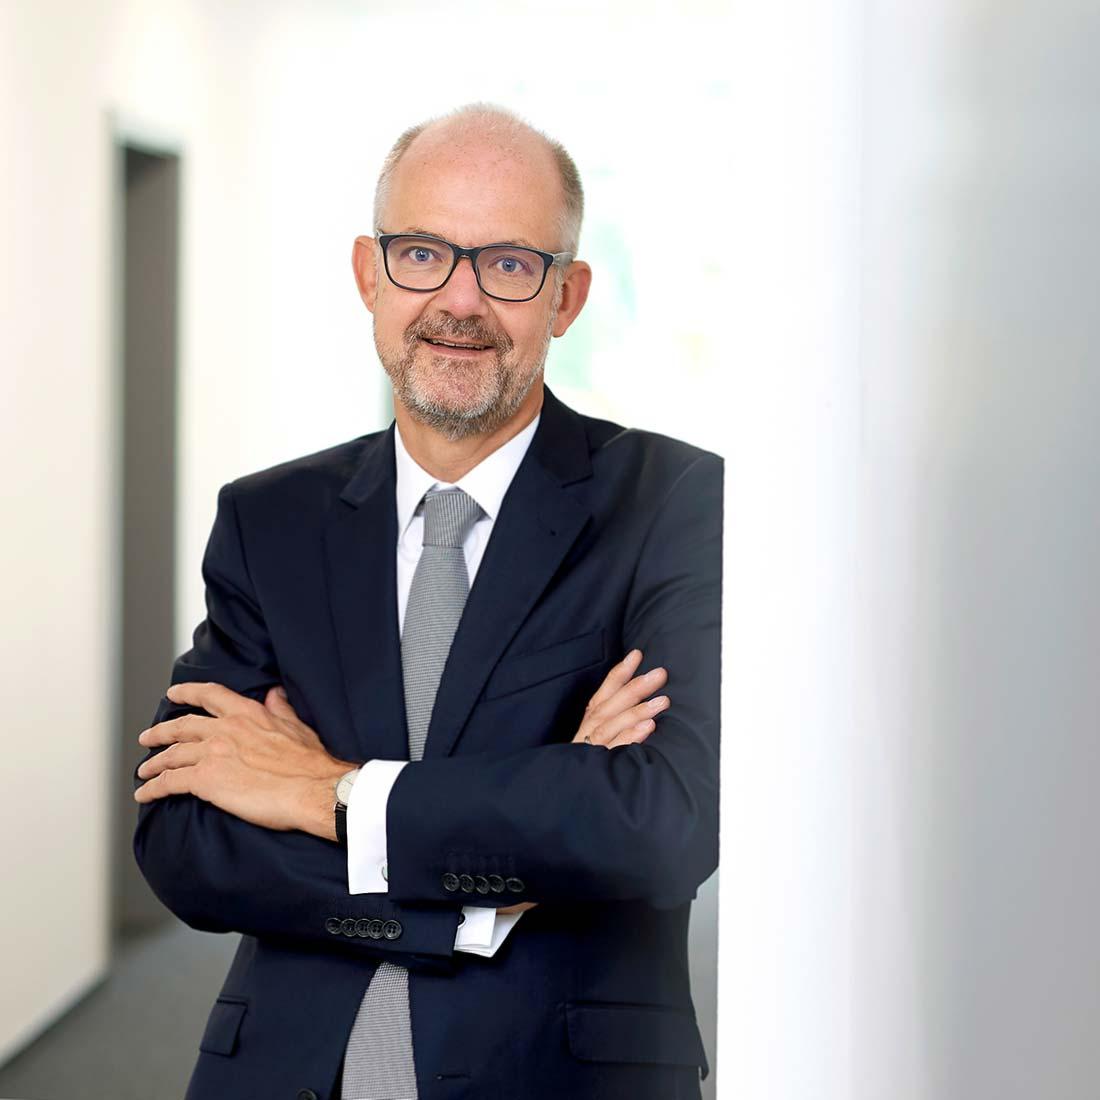 Corporate Portraitfotografie Finanzberatung HORABA Montabaur